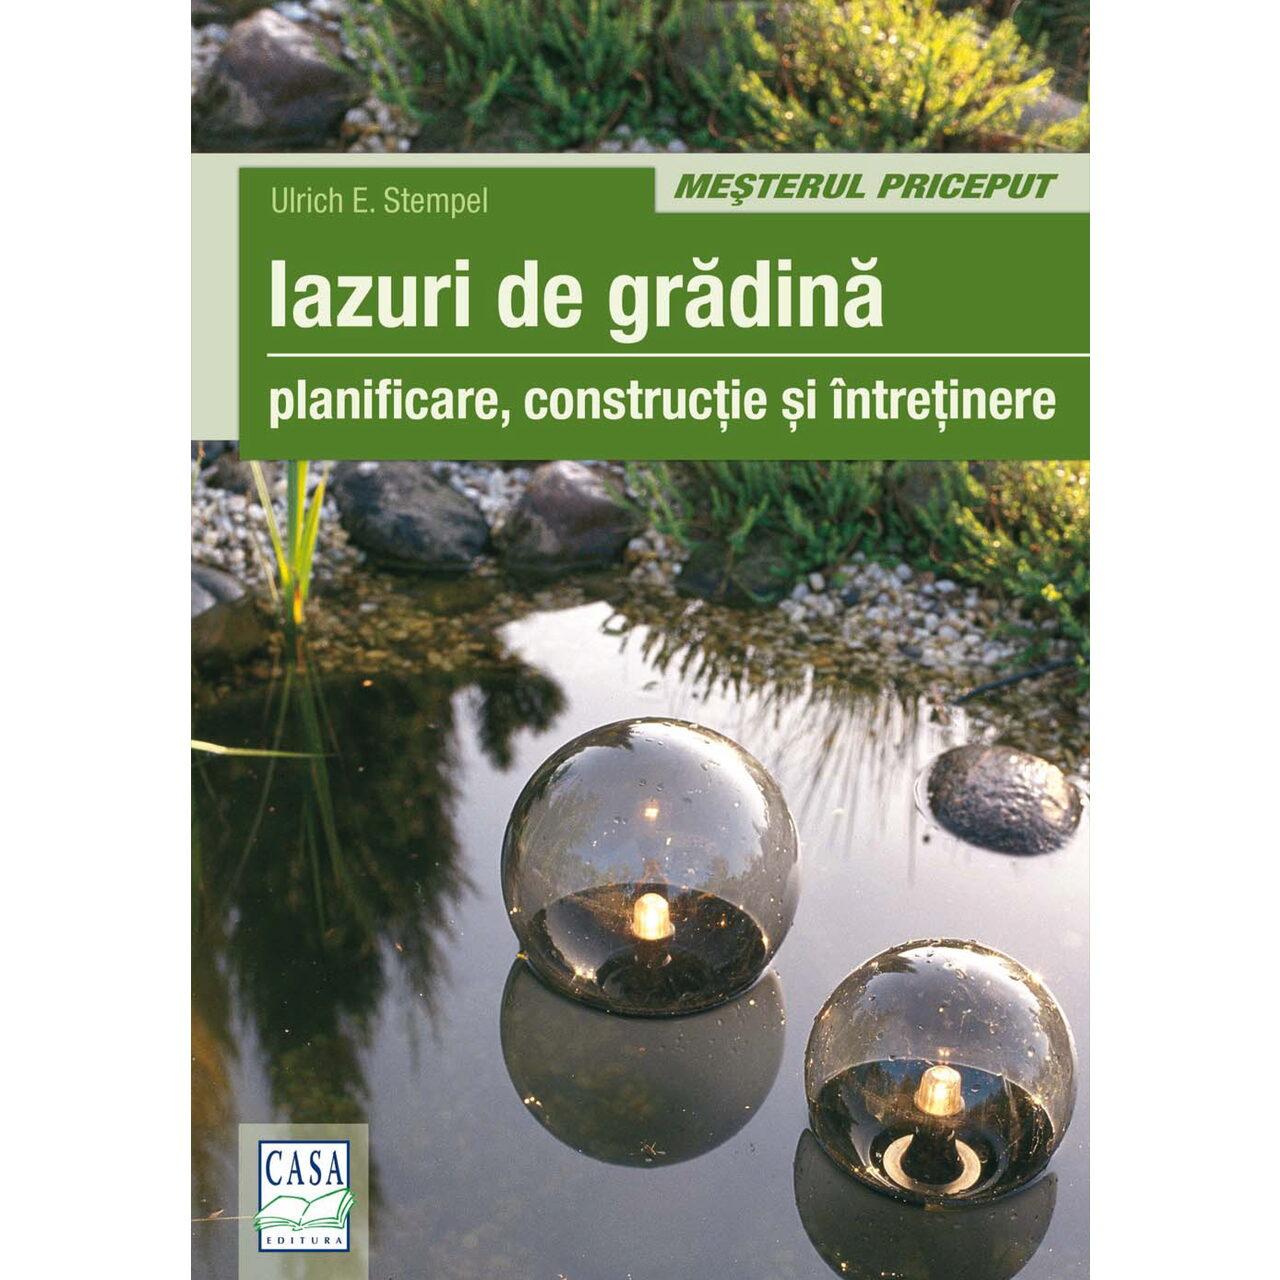 Iazuri de grădină imagine edituracasa.ro